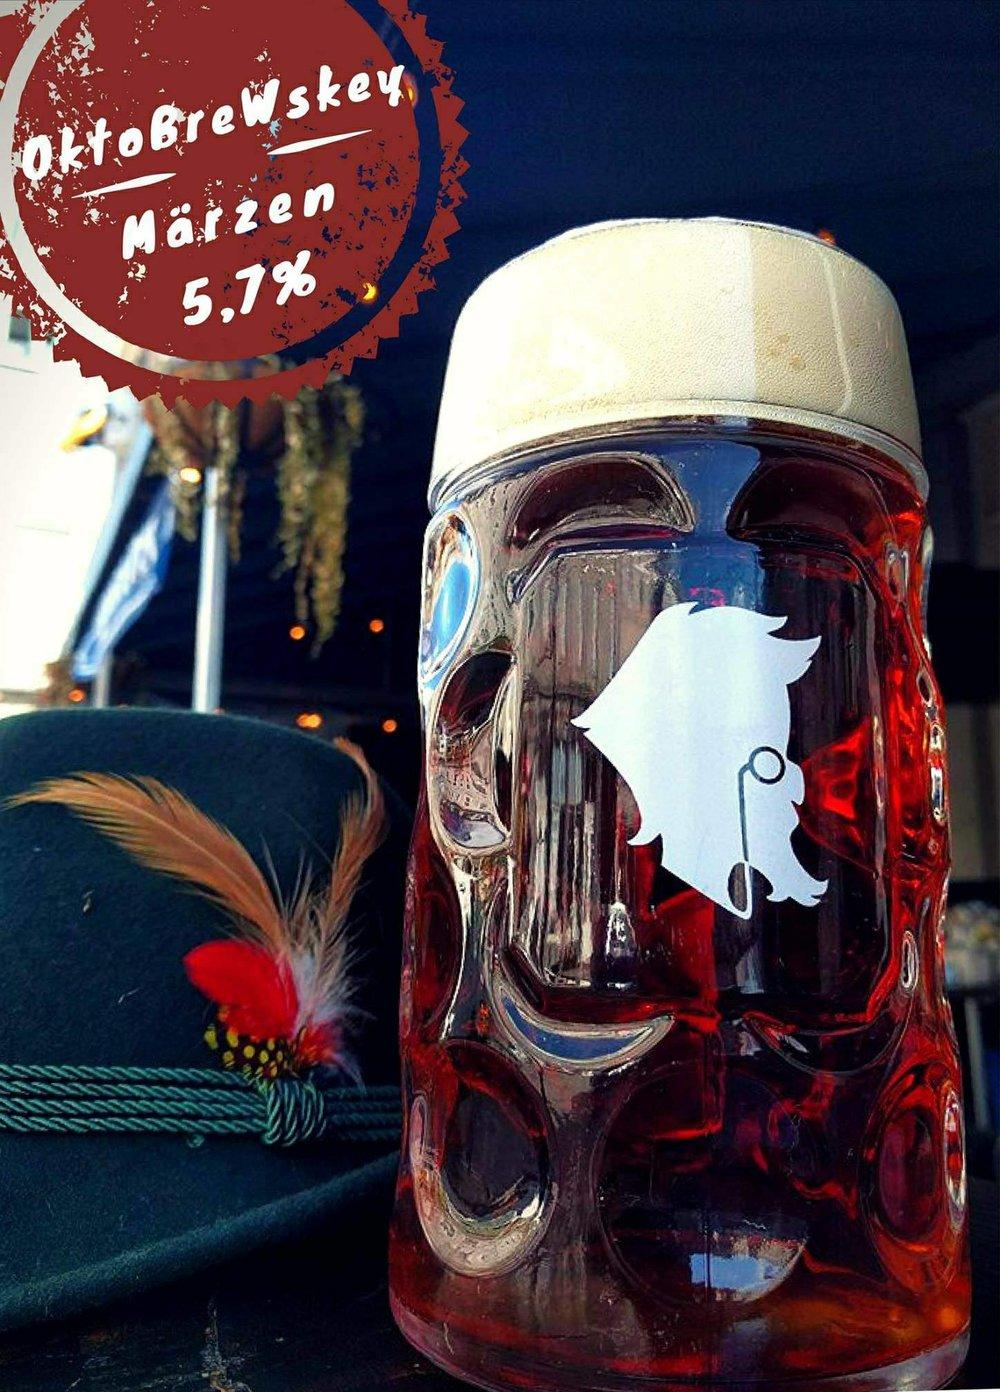 Notre bière pour l'Oktoberfest - une belle Märzen sèche, goûtue sur la noisette